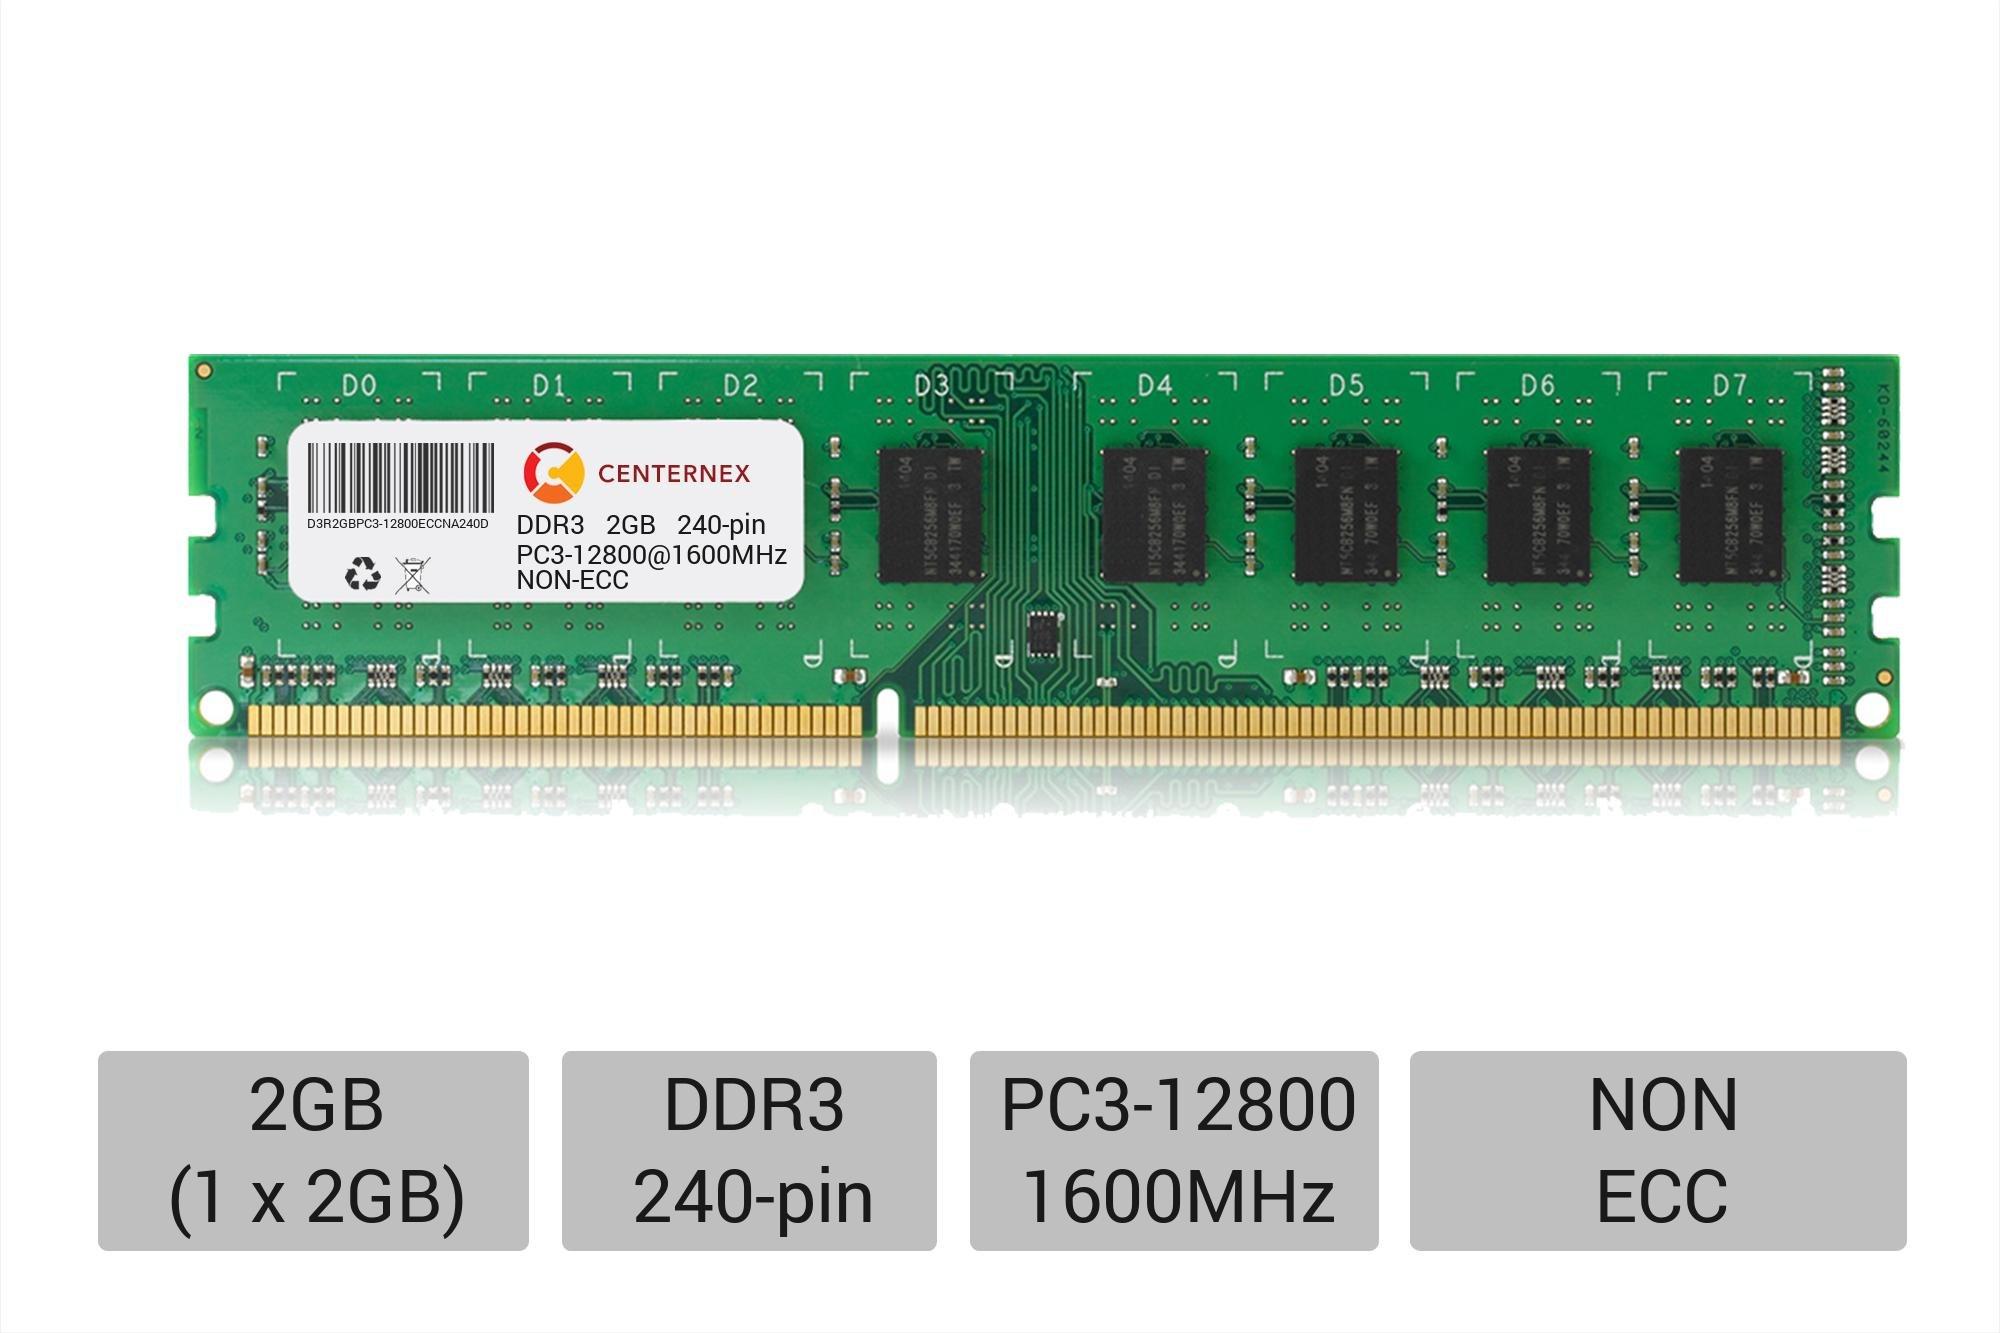 2GB DIMM Gigabyte 55M-UD2H 55M-USB 55-UD3H 57M-USB3 61M-D2H-USB3 Ram Memory by CENTERNEX